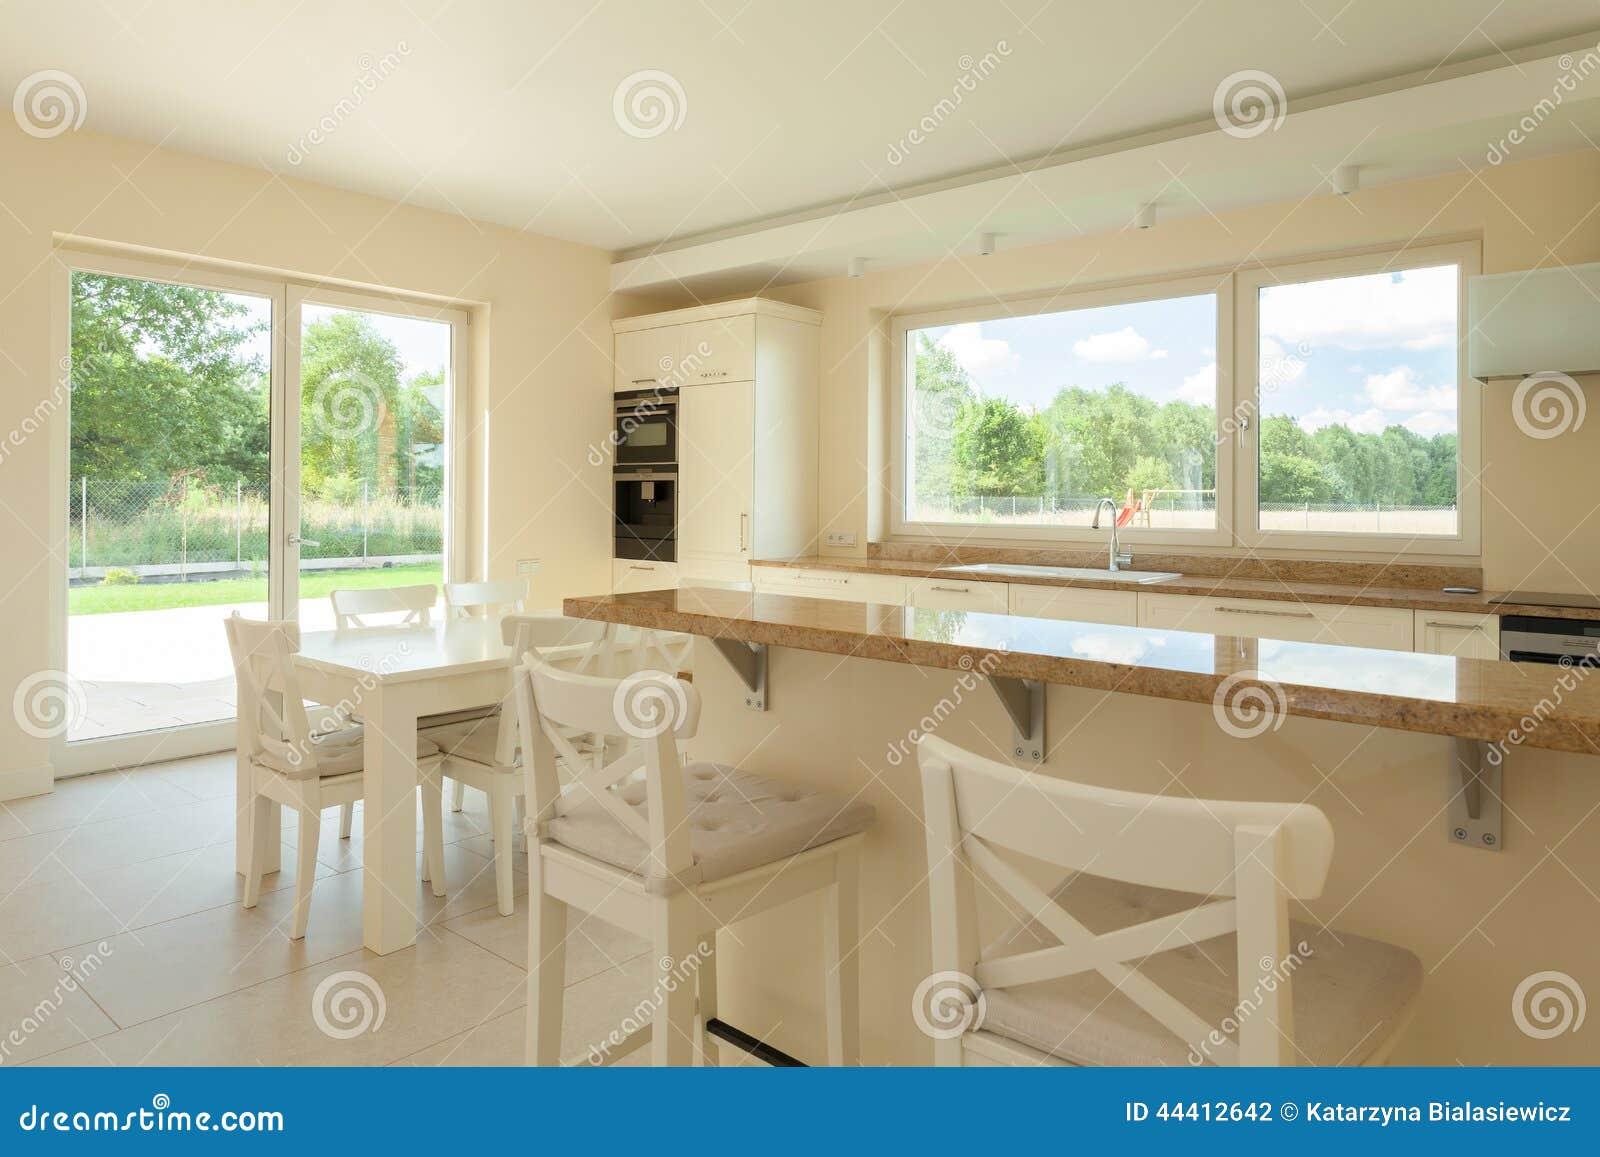 Cuisine Blanche Dans La Maison Moderne Photo stock - Image ...